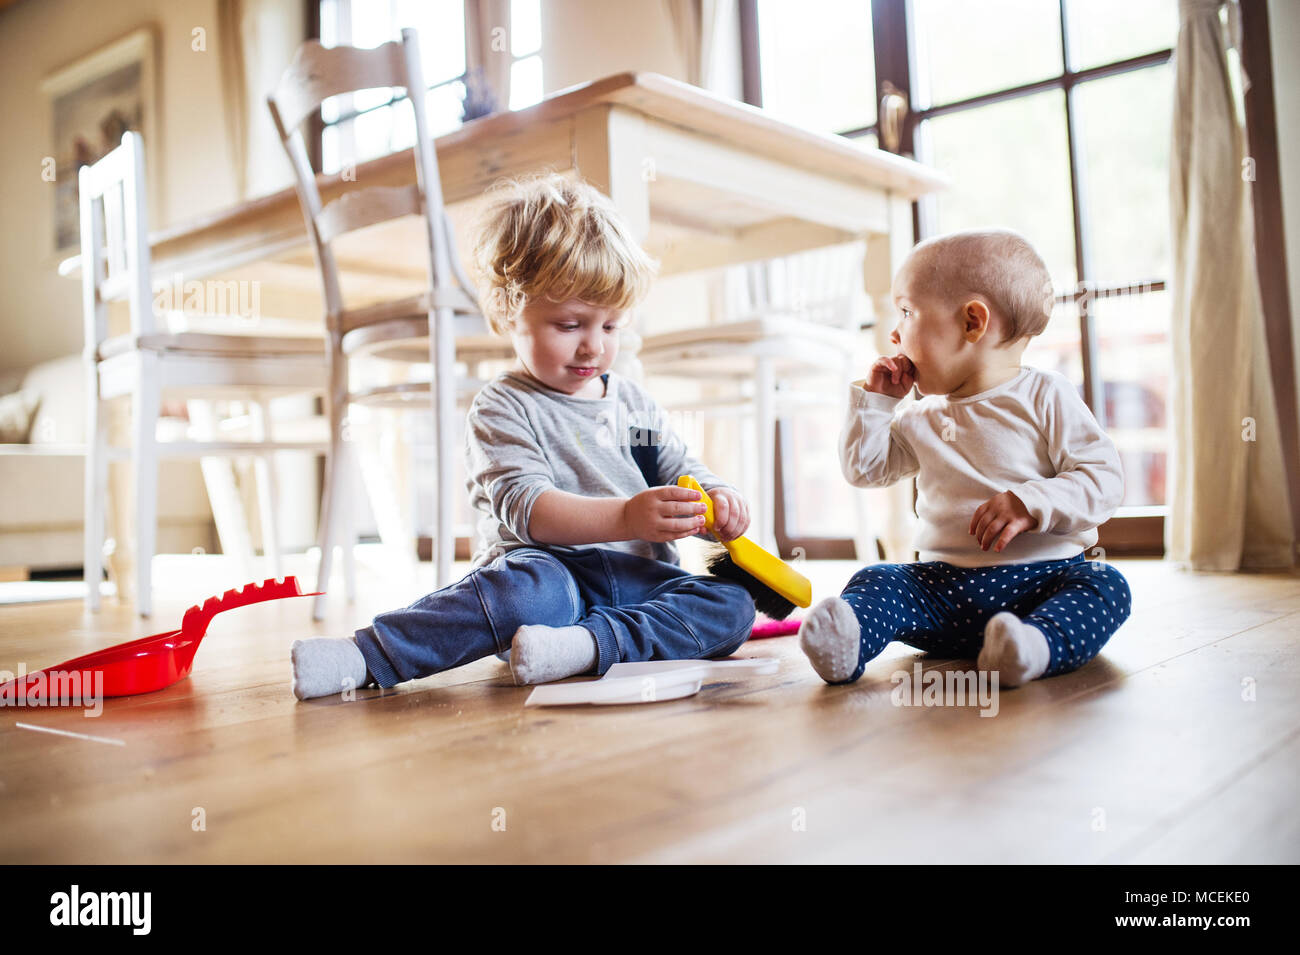 Dos niños con cepillo y pala para recoger basura en casa. Imagen De Stock